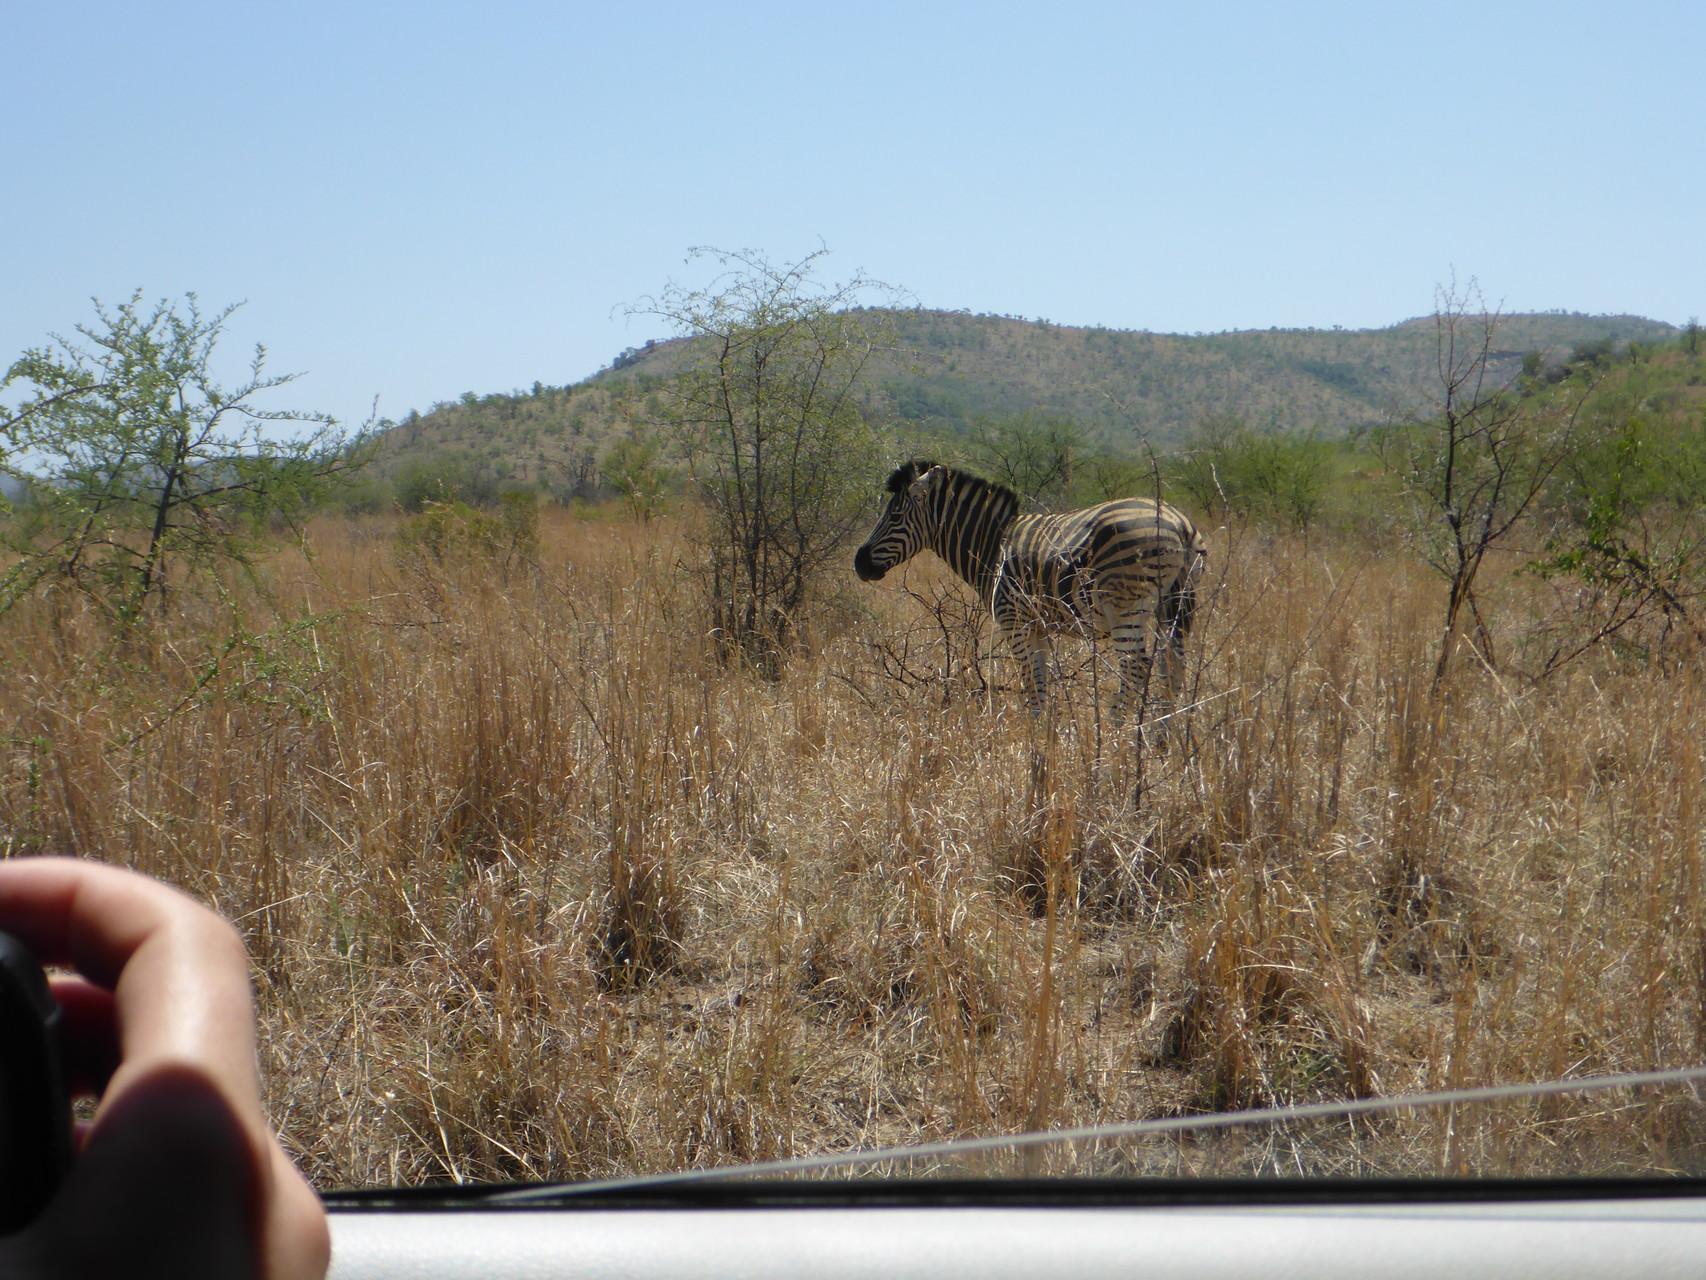 A zebra so near..